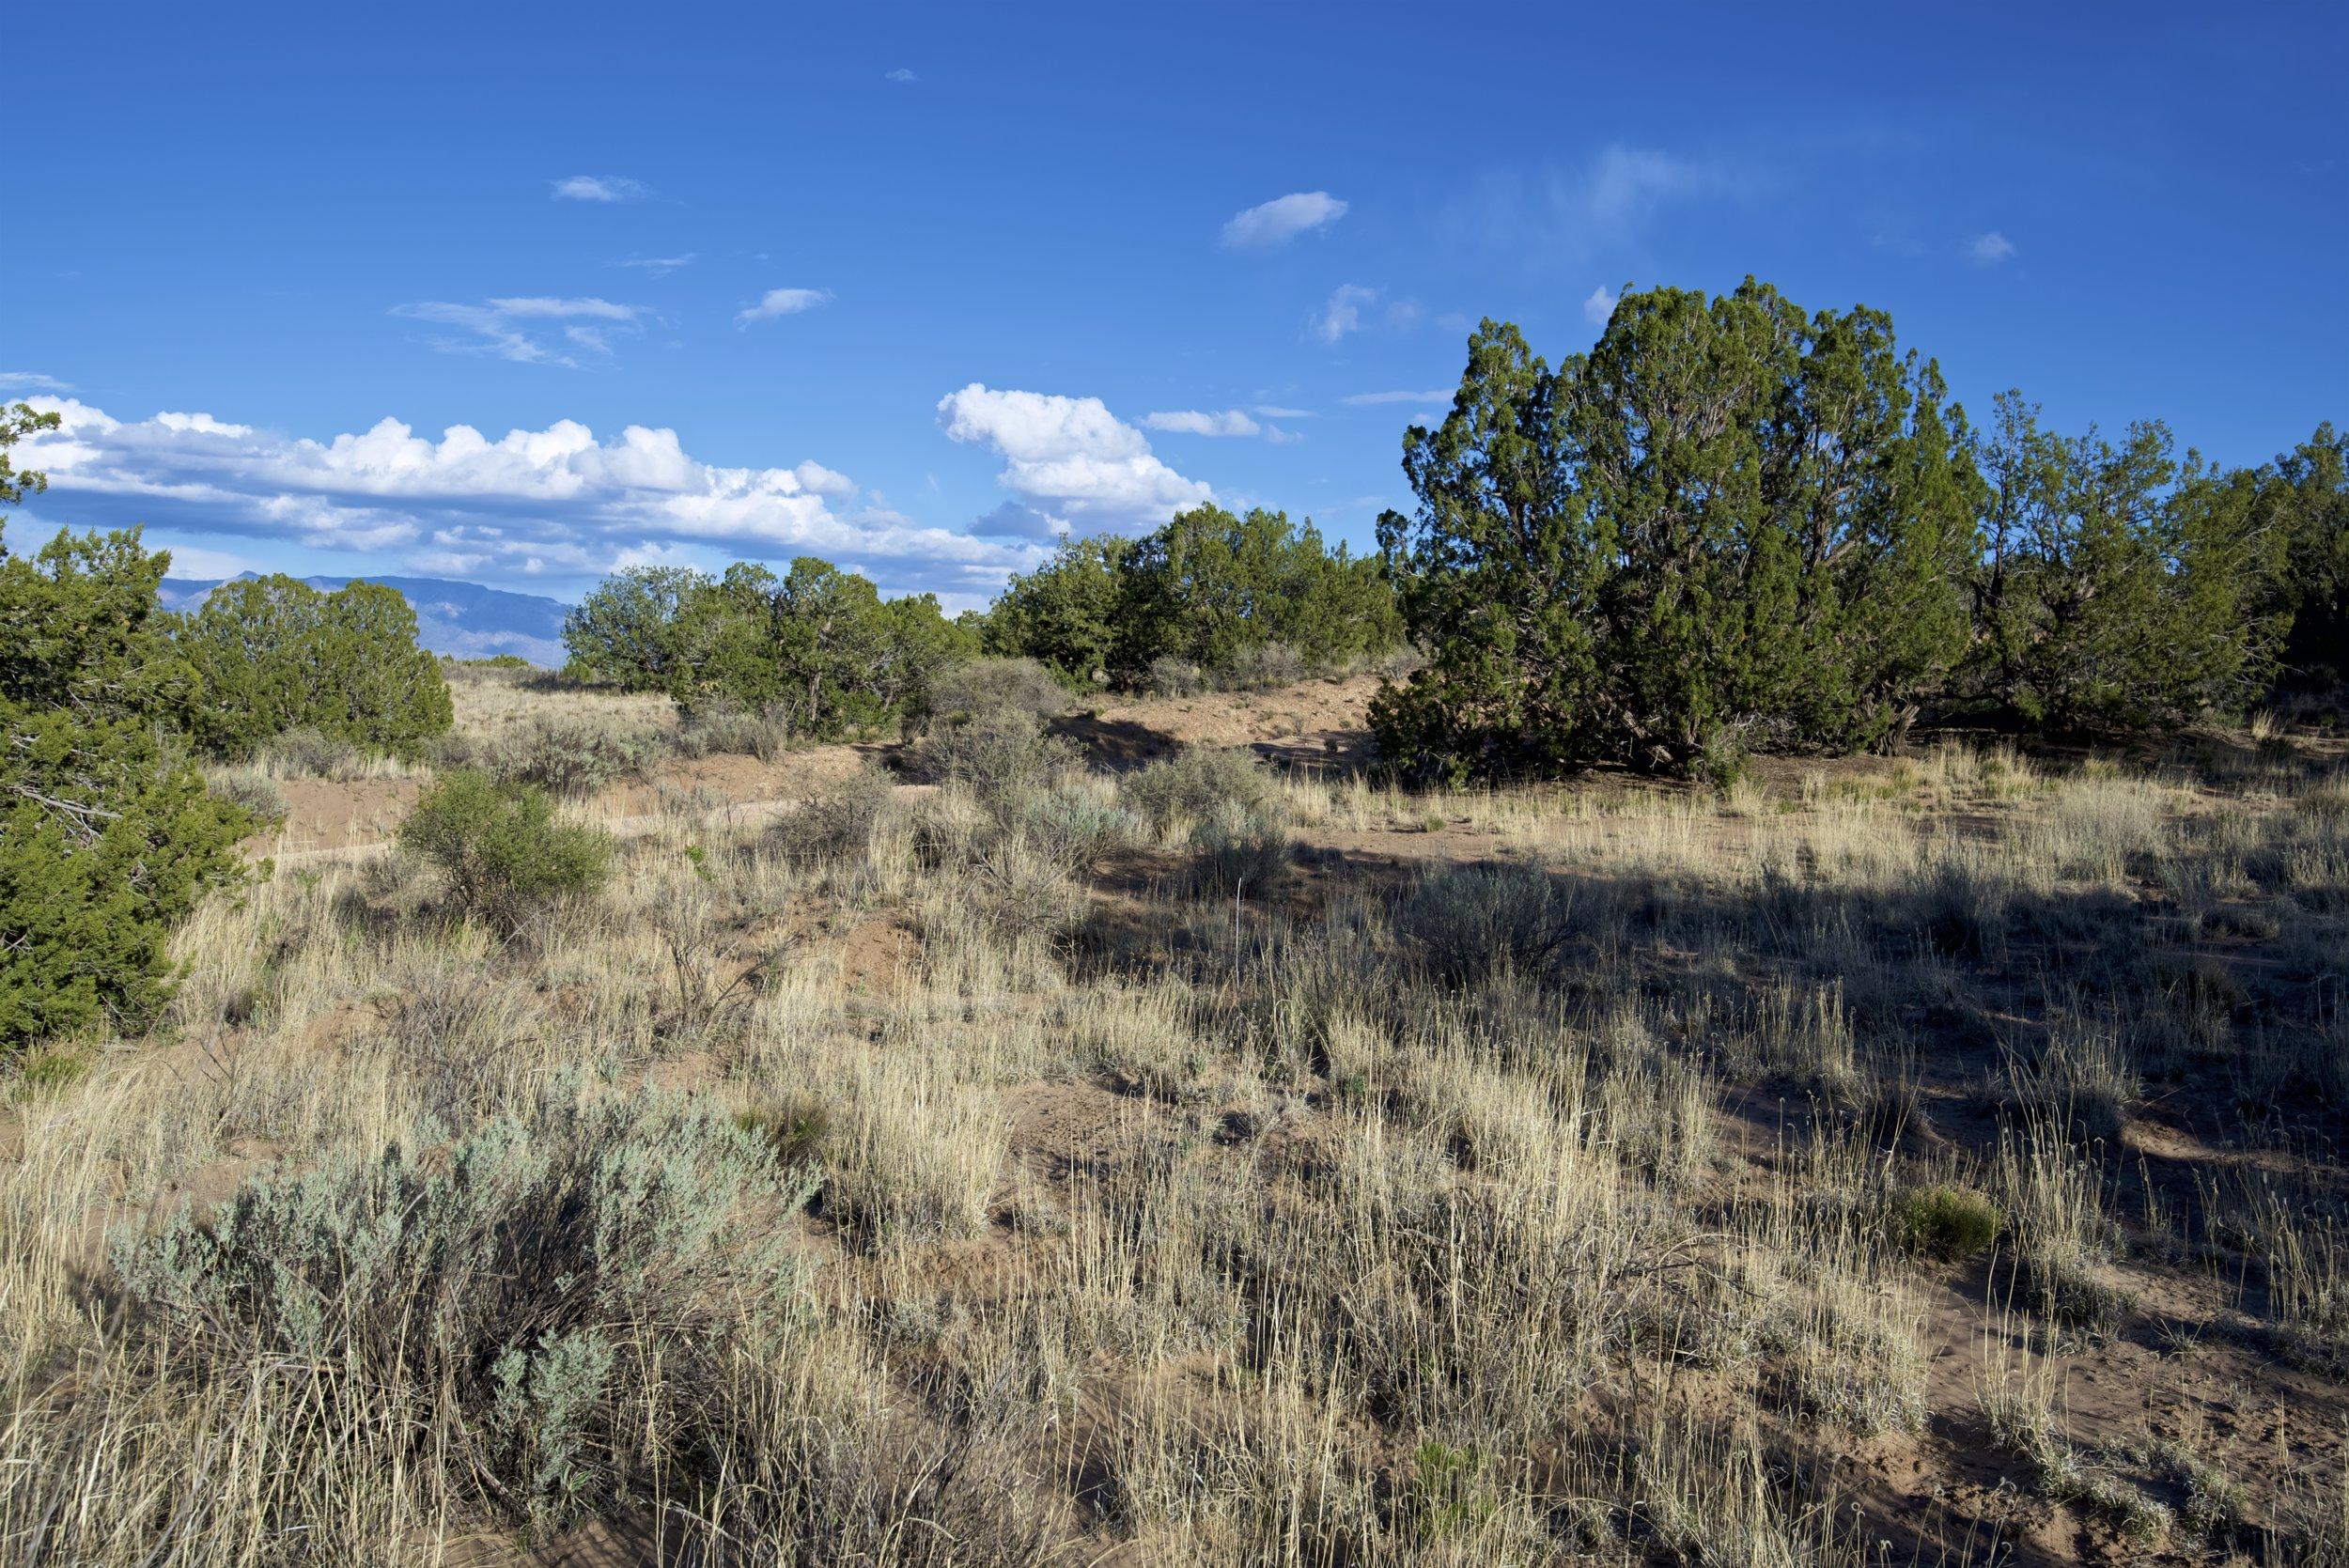 SNNM-2231-rio-rancho-125685.jpg